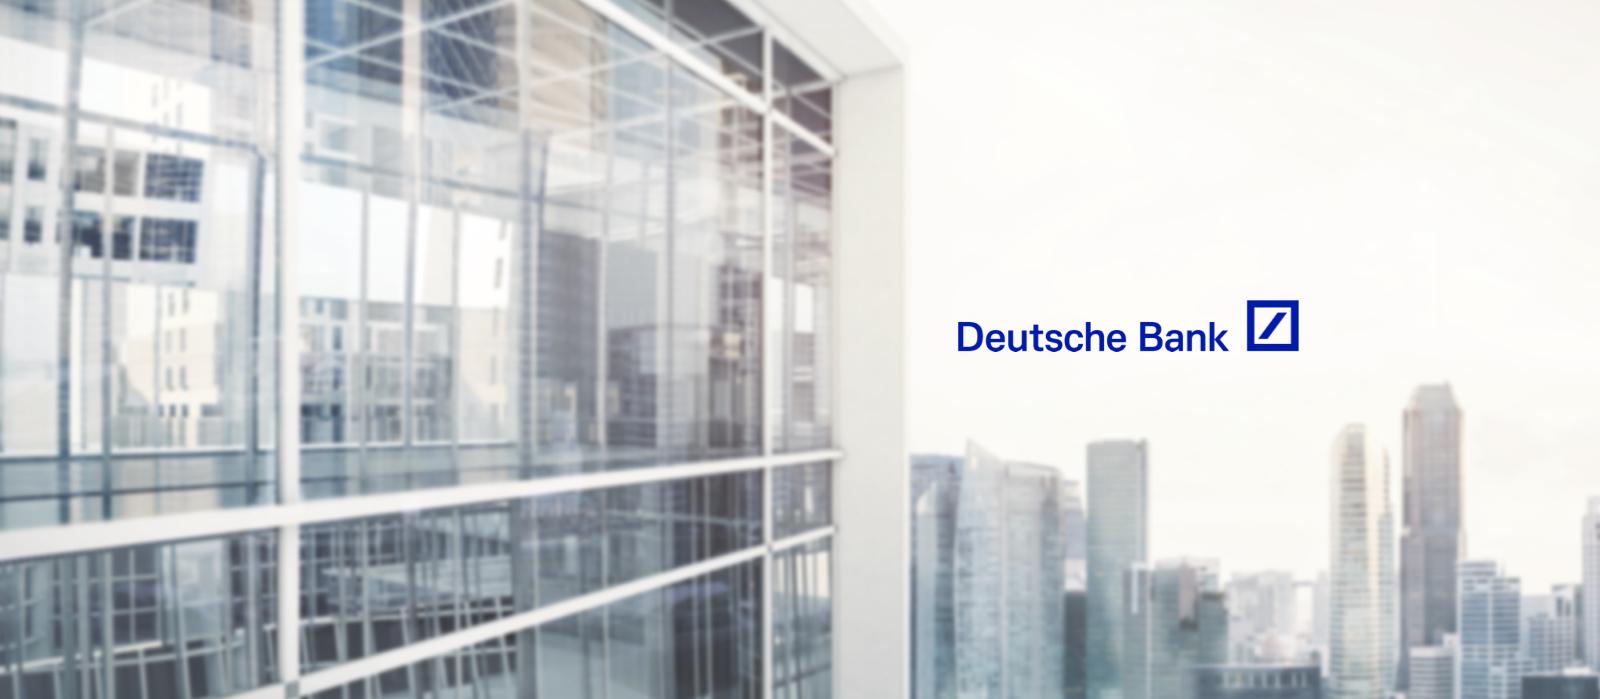 Bankenuebersicht_Deutsche-Bank